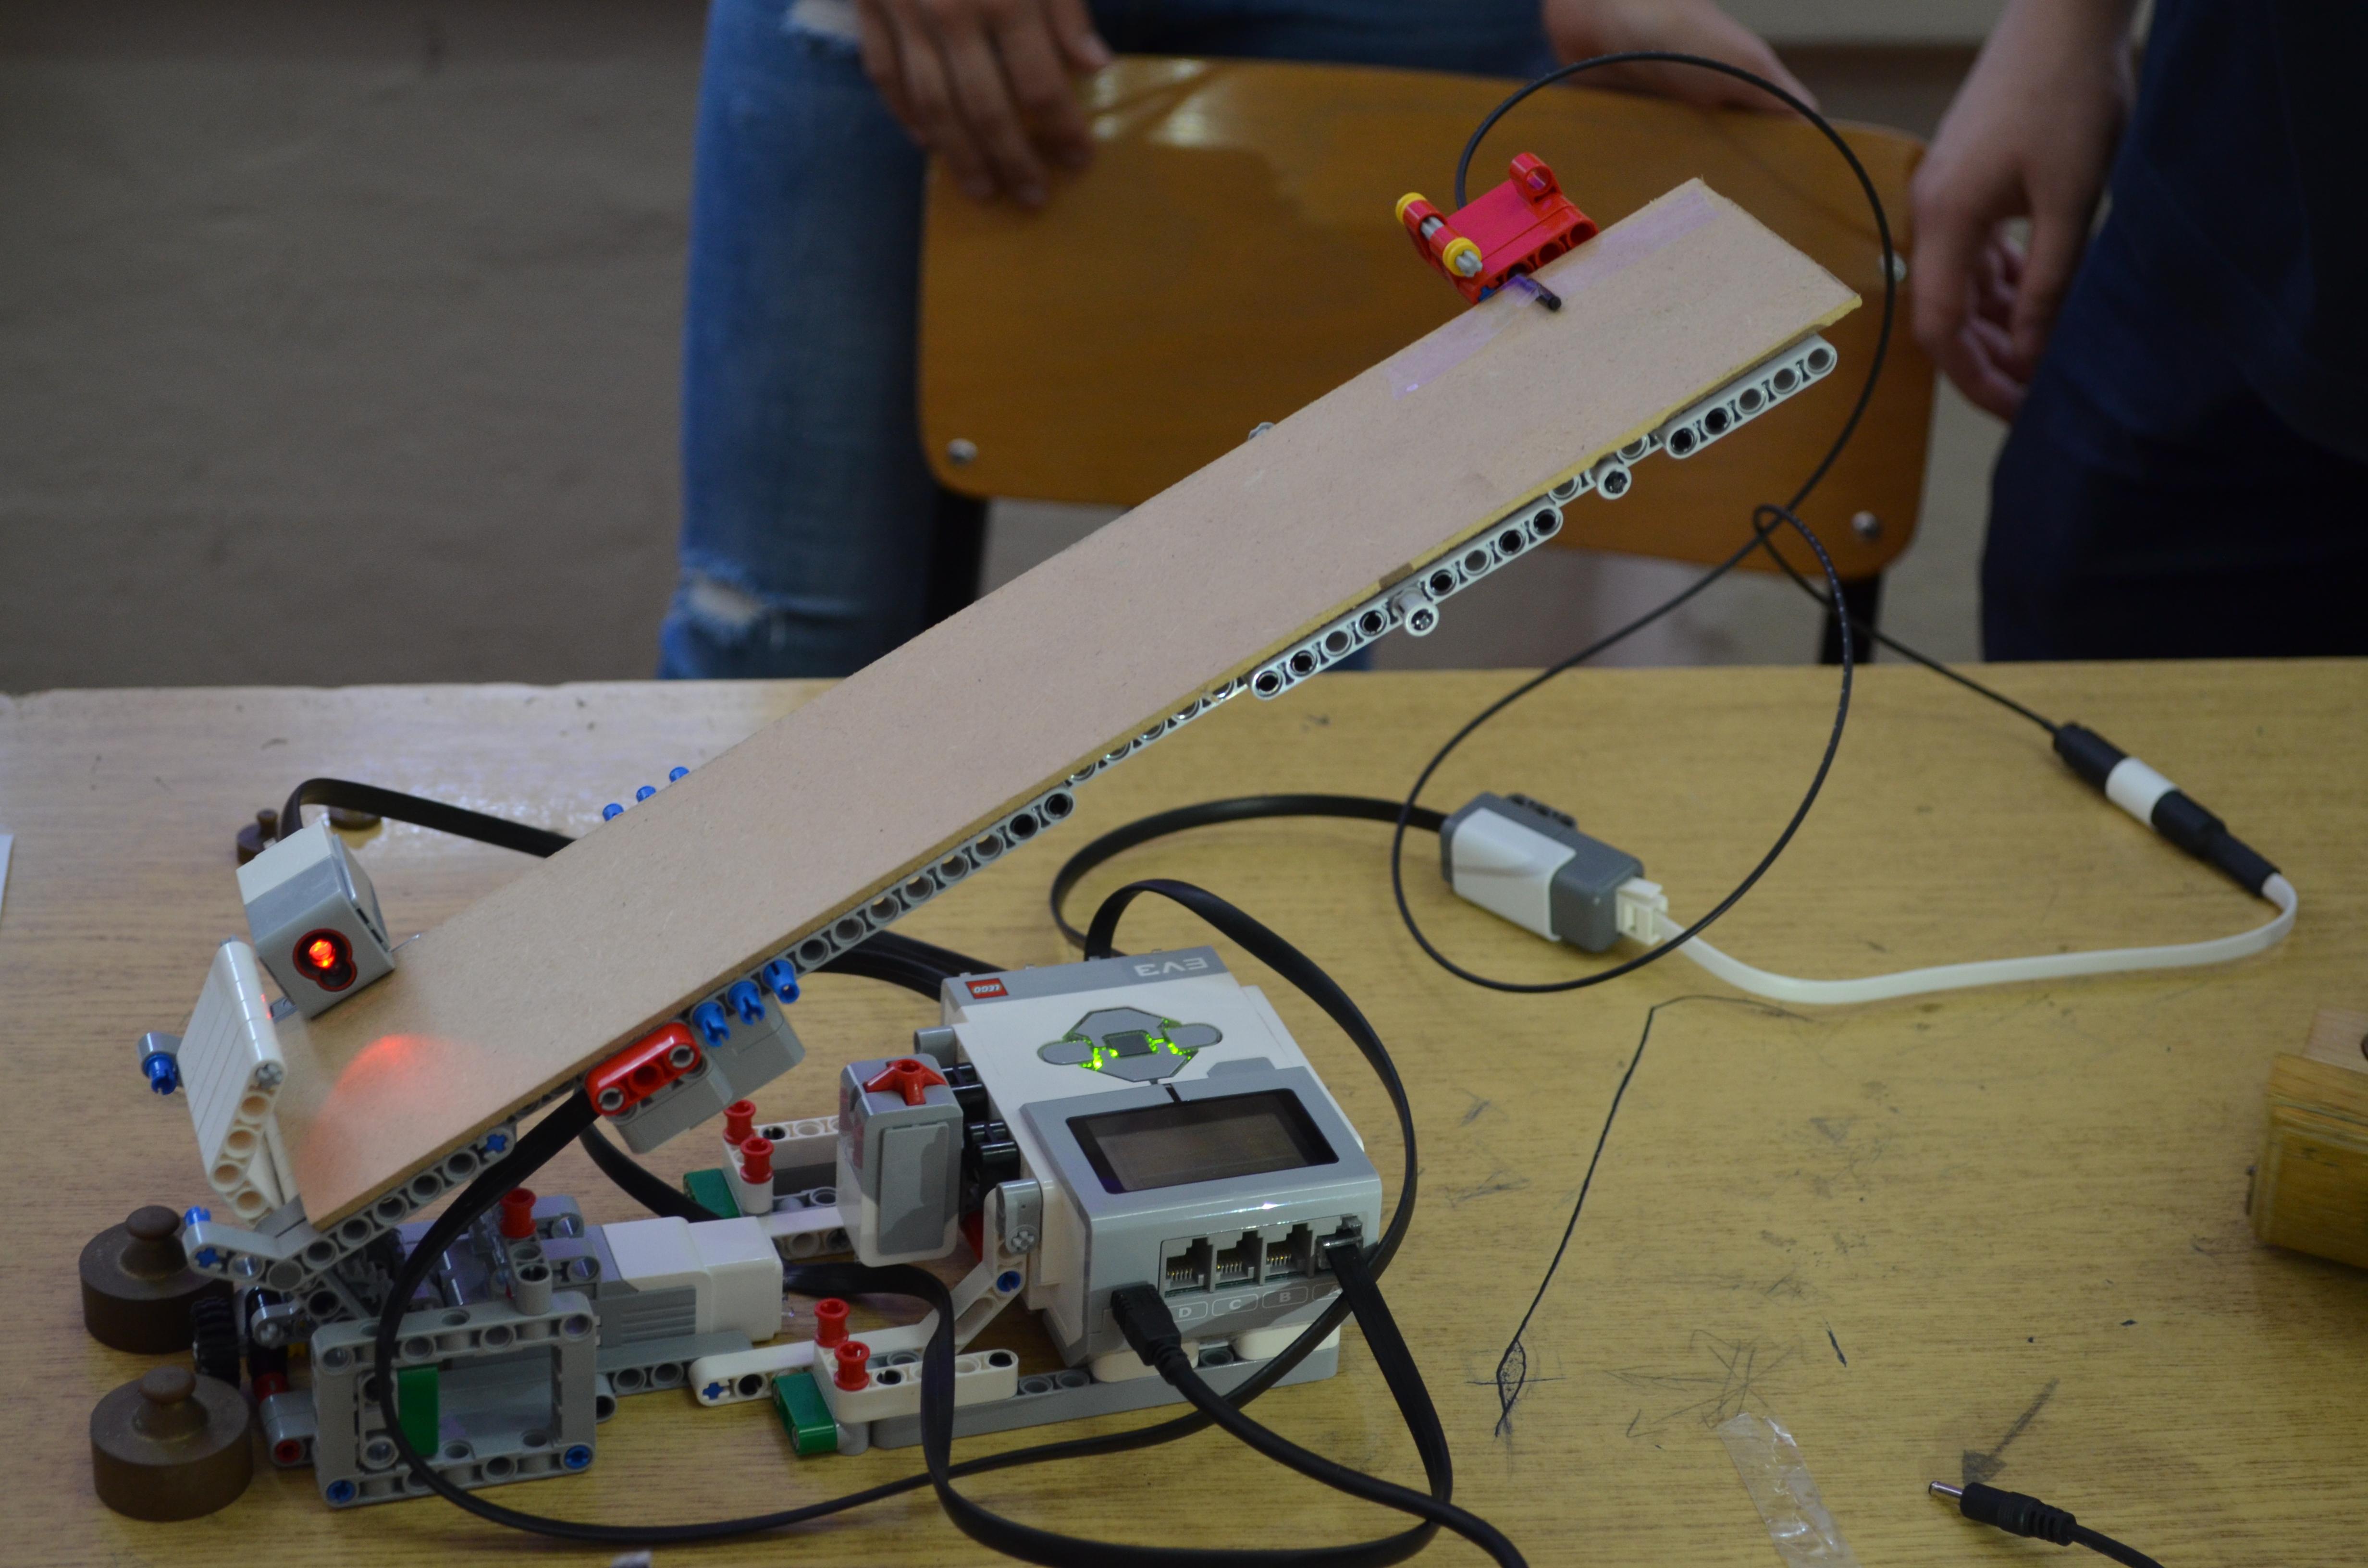 Откако е купен, роботот имал 6 сензори но истиот сега е надограден и има околу 12 сензори за температура, светлина, детектирање на движење и други.